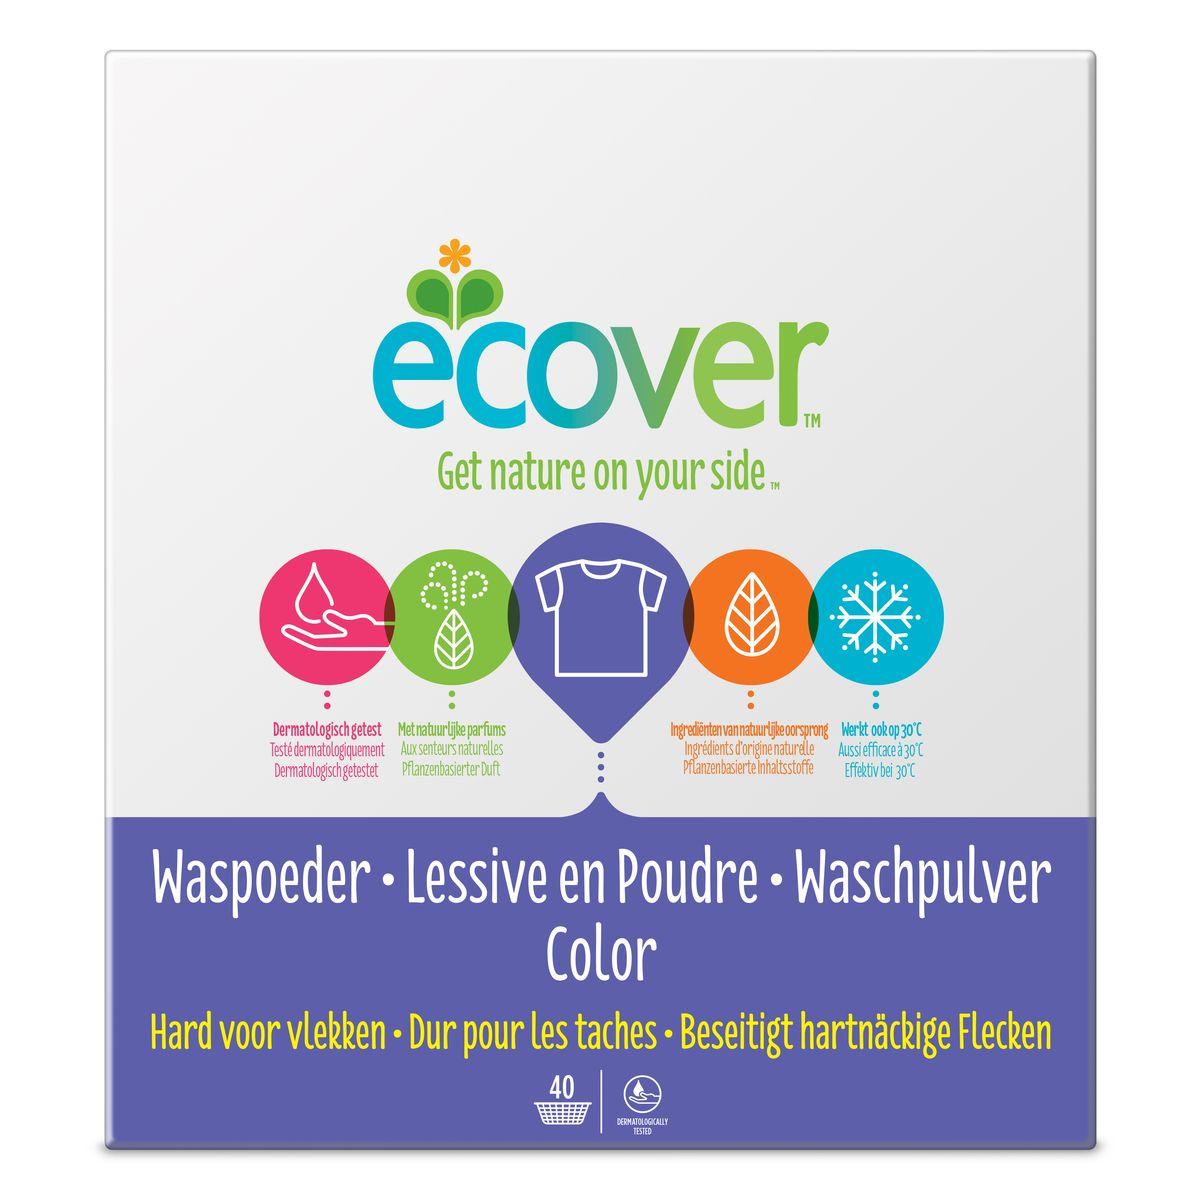 Экологический стиральный порошок Ecover, концентрат, для цветного белья, 3 кг экологический стиральный порошок ecover концентрат универсальный 3 кг